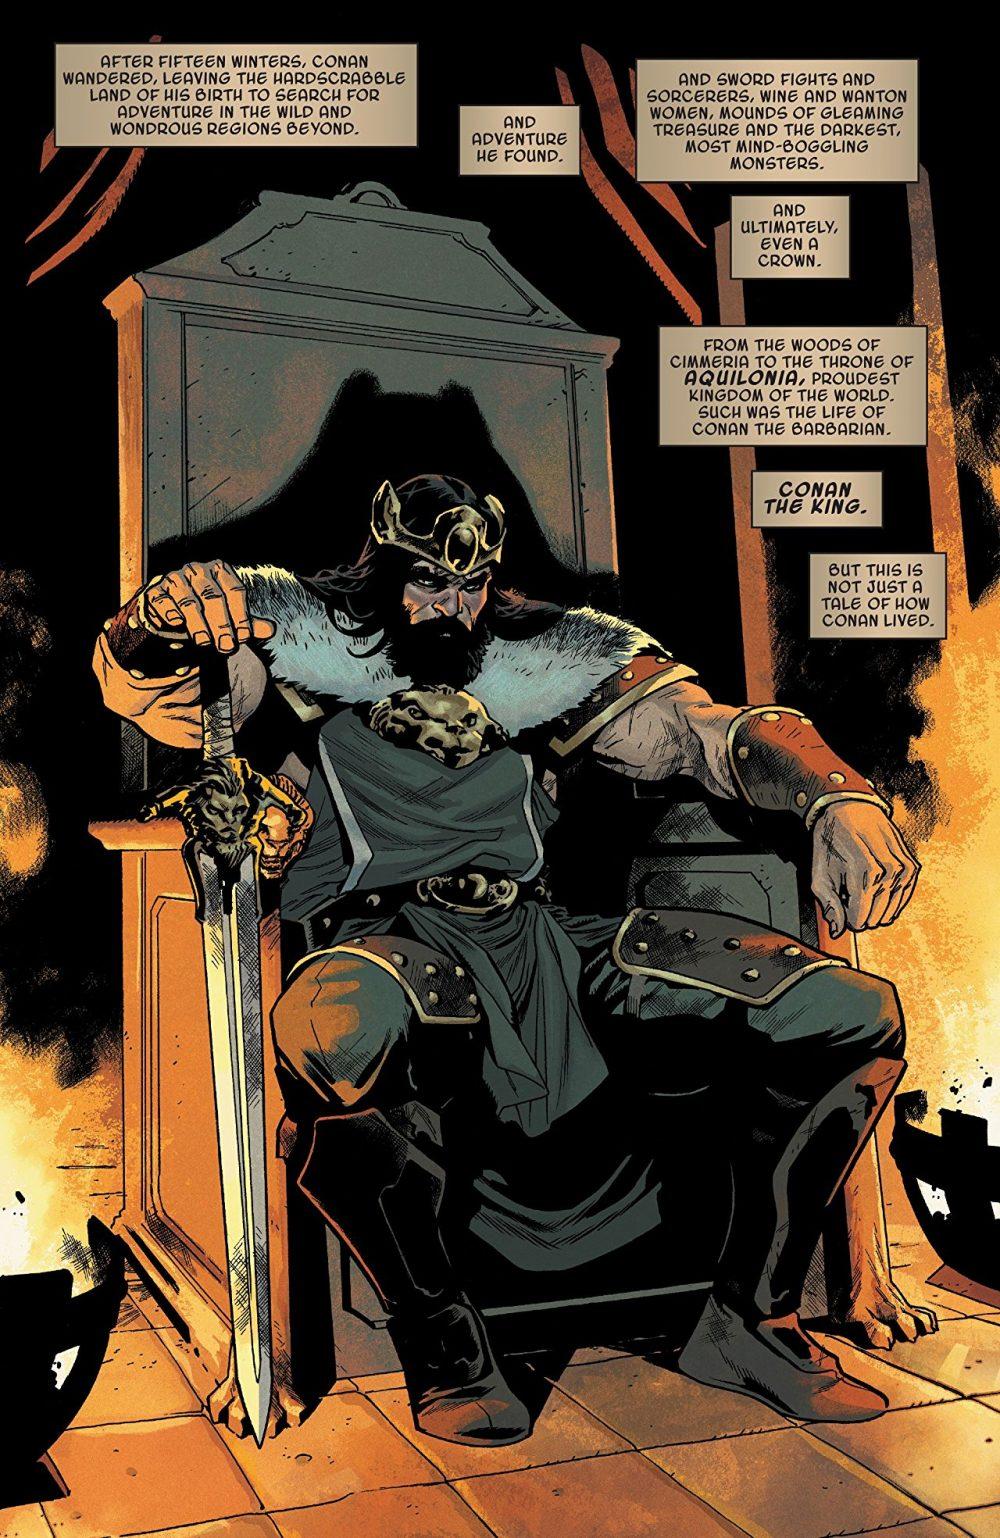 Conan the Barbarian #1, anteprima 03